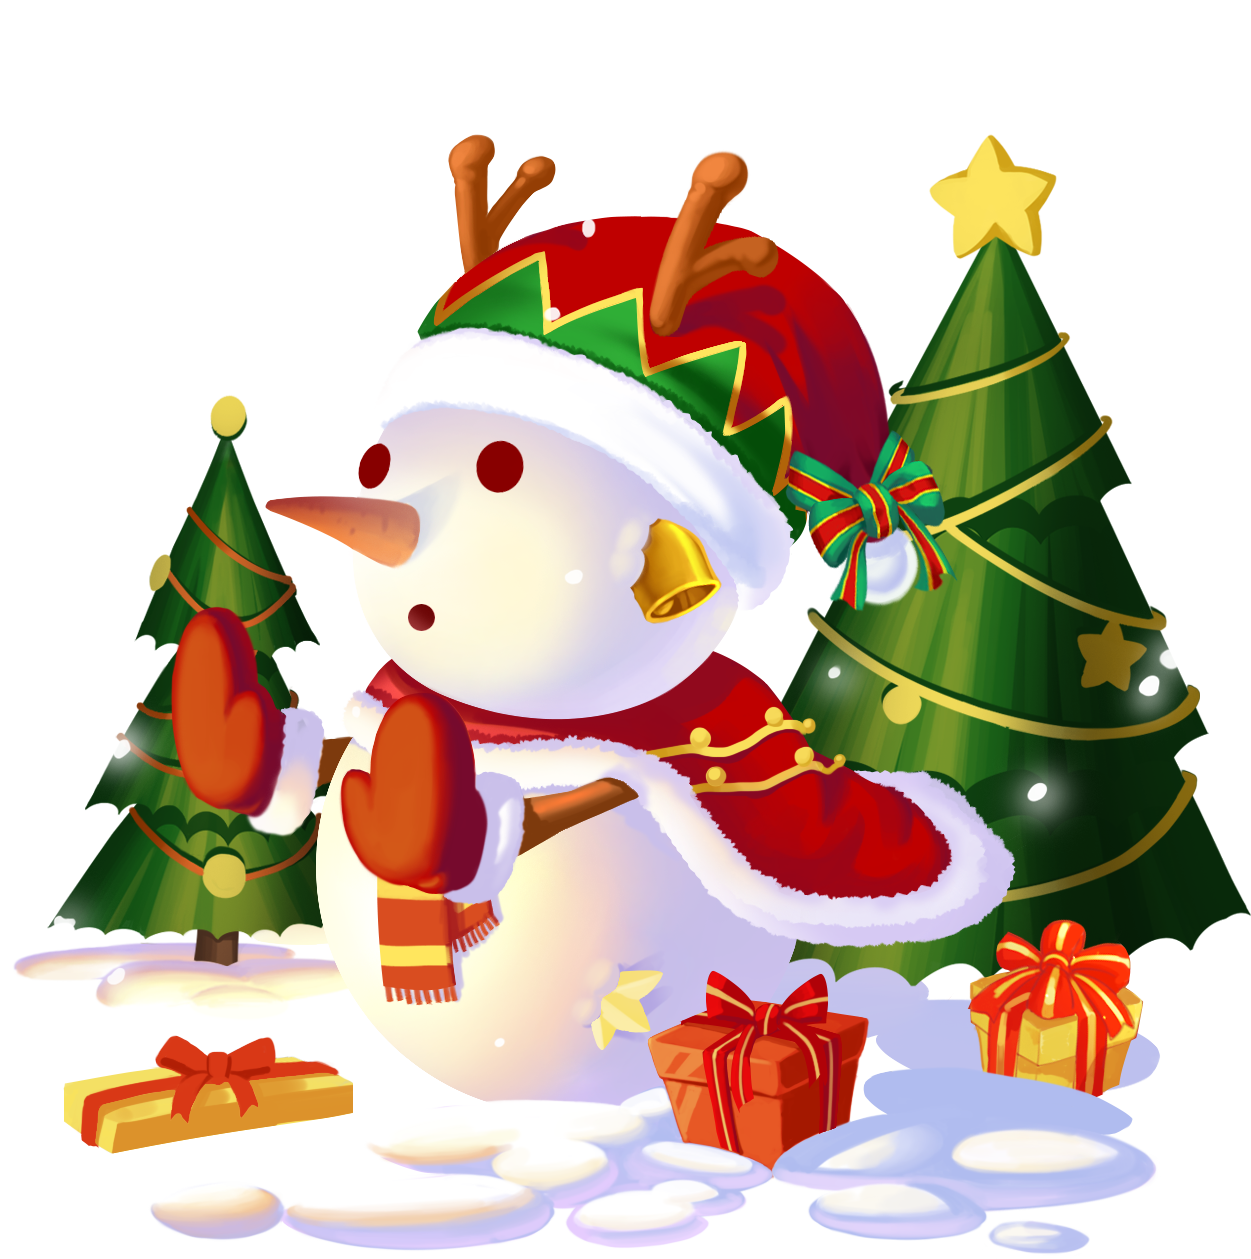 不言语却知心。陪玩收到礼物圣诞雪人